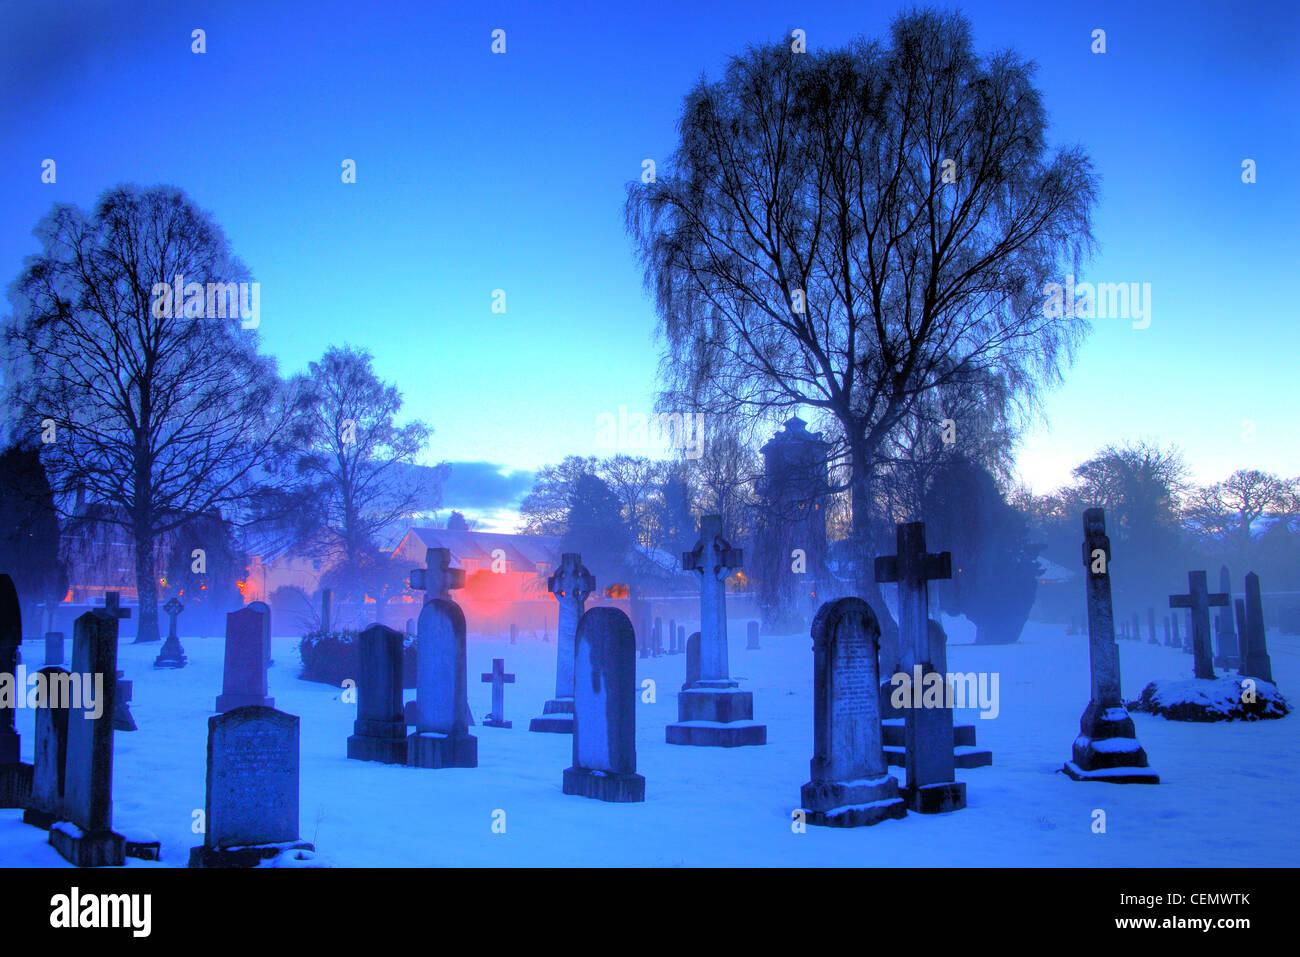 Laden Sie dieses Alamy Stockfoto Dalkeith Friedhof Dämmerung, Midlothian, Edinburgh, Schottland, UK A Blue, Eis, eisigen, kalten Winternacht mit niedrigen Temperaturen. - CEMWTK